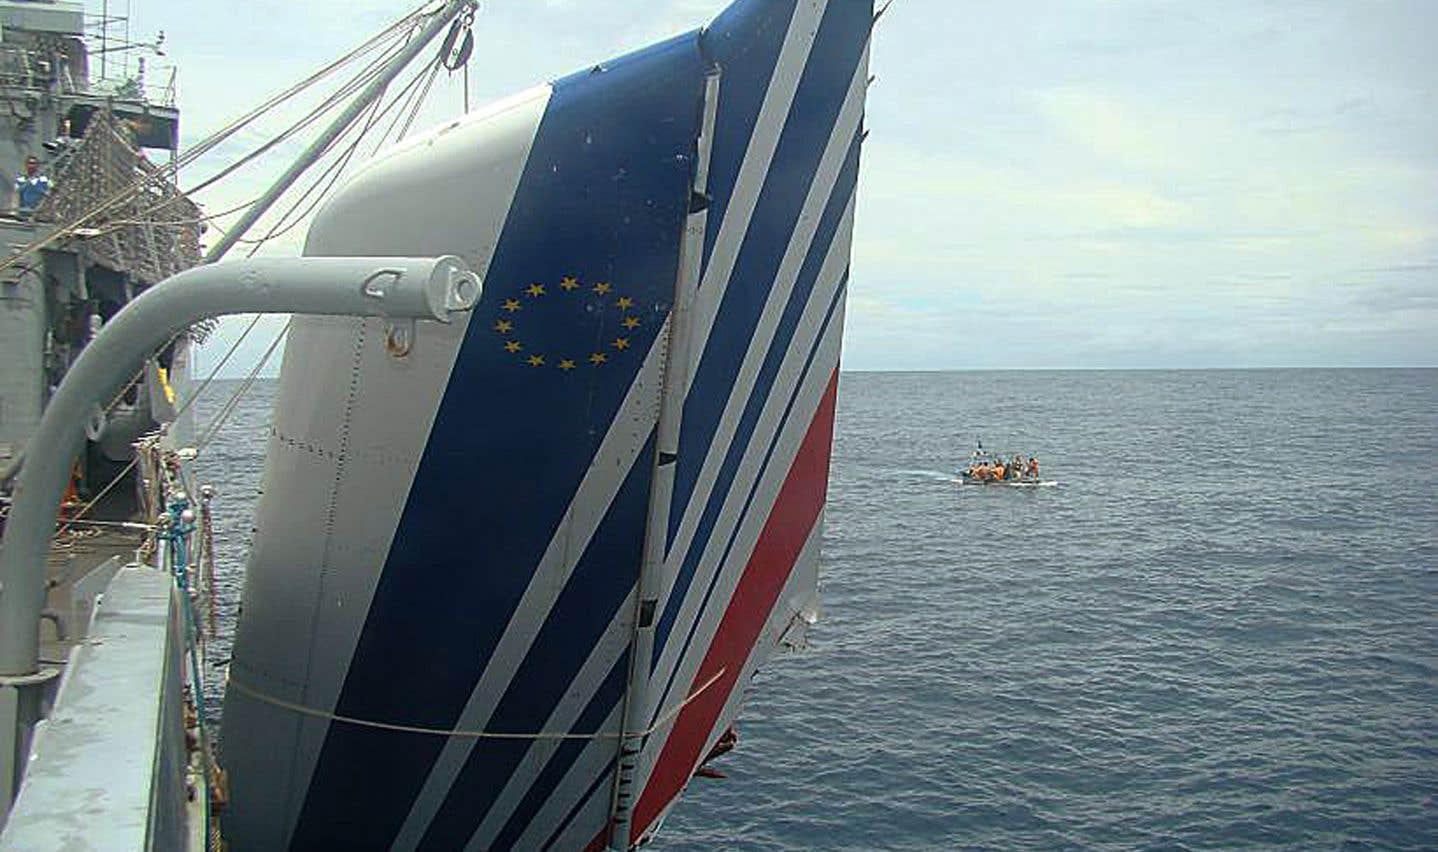 L'accident du vol AF447, le 1erjuin 2009 au large du Brésil, a tué les 228 passagerset membres de l'équipage.